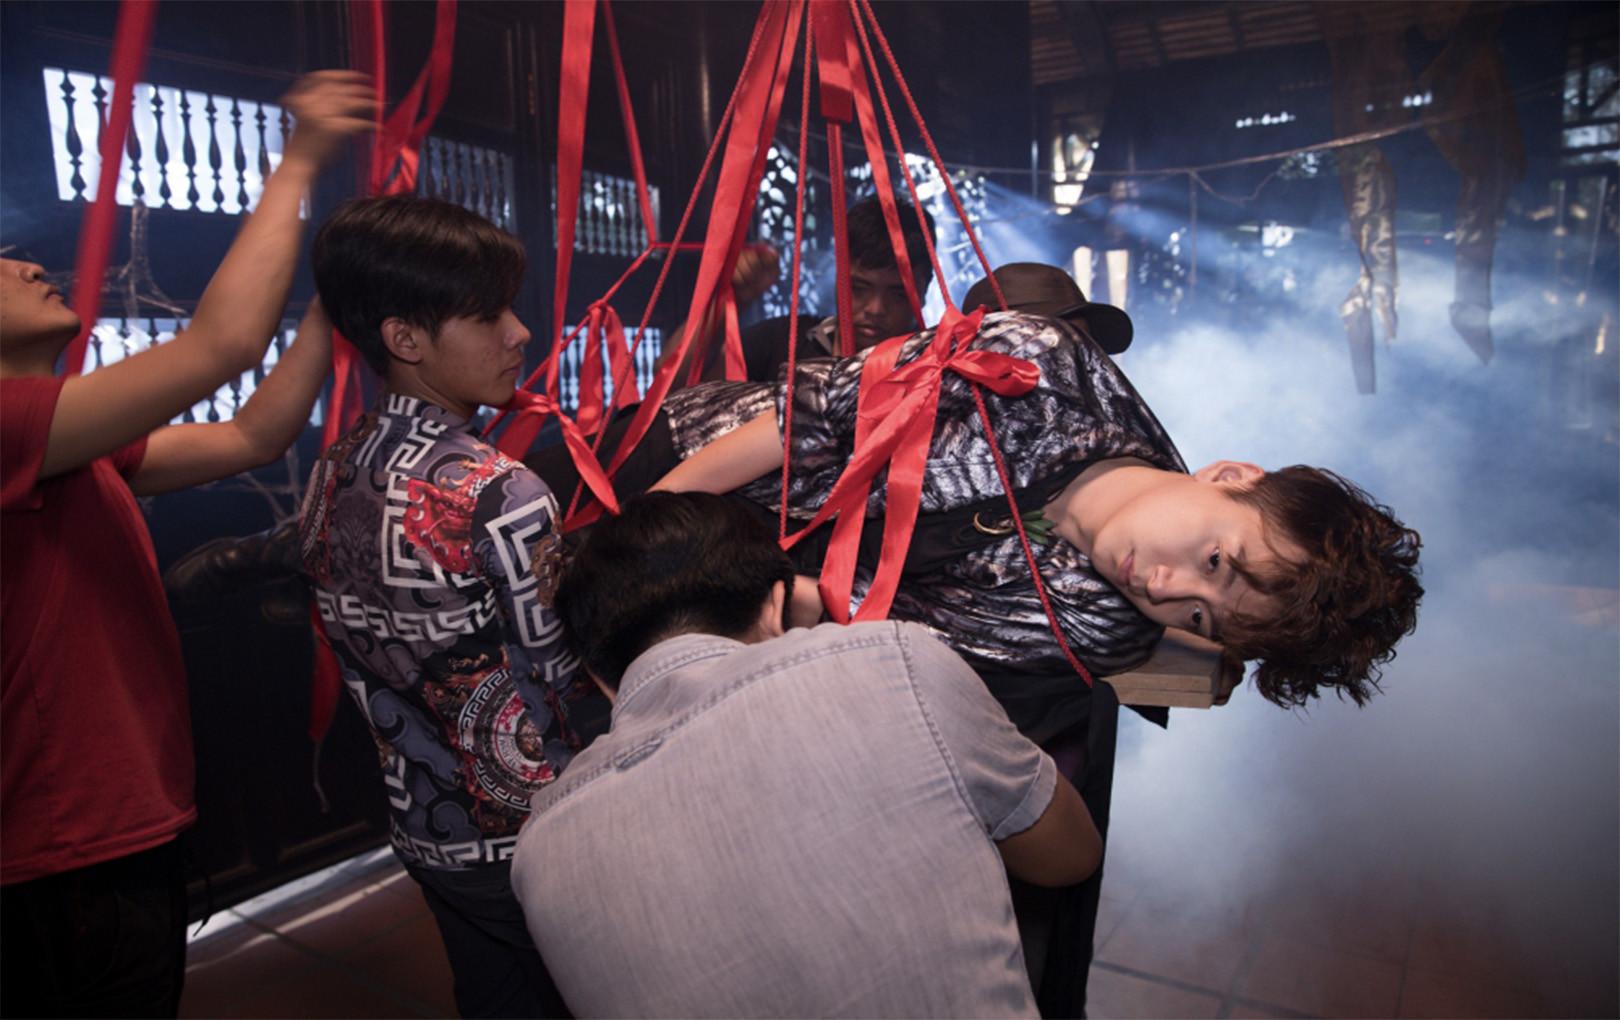 Hé lộ hình ảnh hậu trường MV Truyền Thái Y, Ngô Kiến Huy bị đạo diễn Đinh Hà Uyên Thư buộc và treo lơ lửng